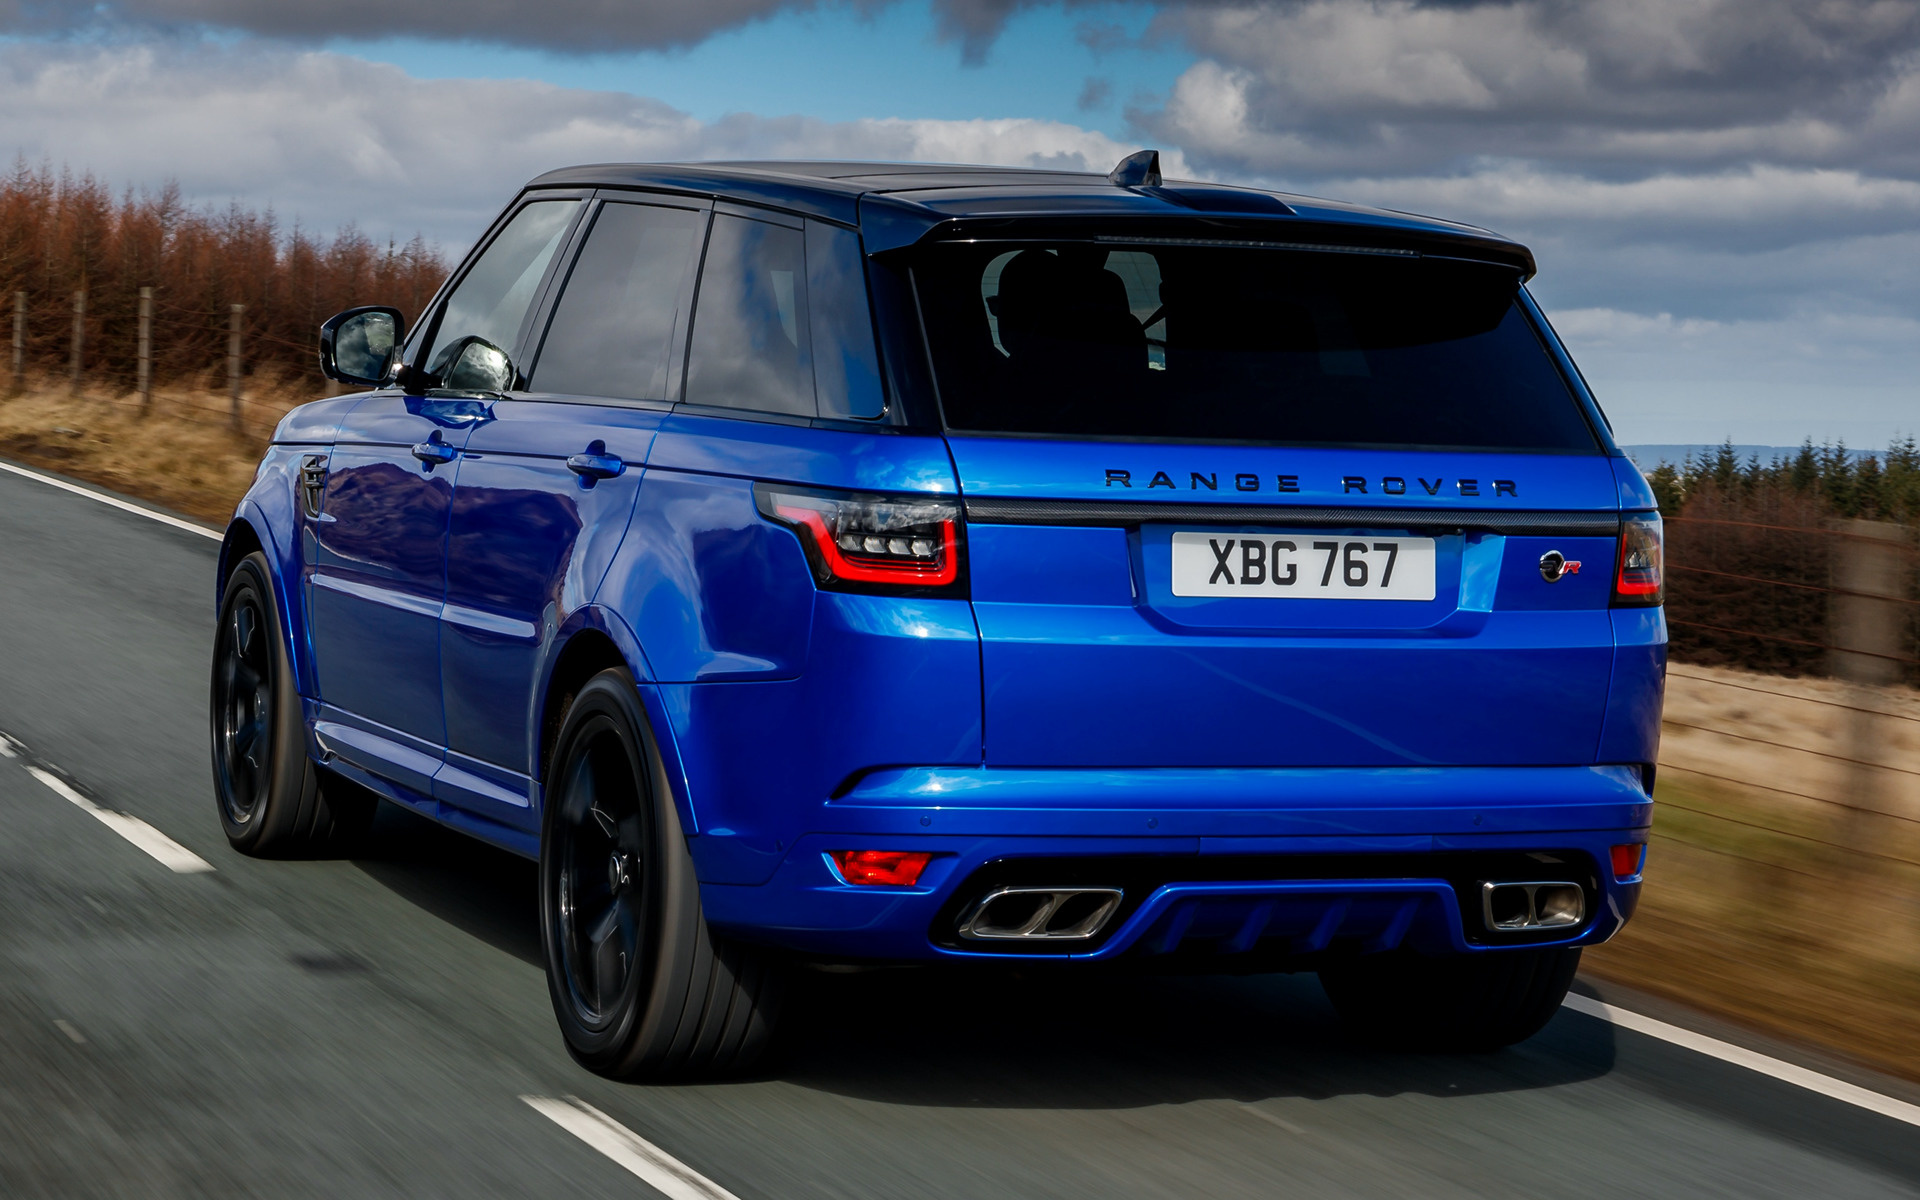 Range Rover Autobiography >> 2018 Range Rover Sport SVR (UK) - Fonds d'écran et images ...